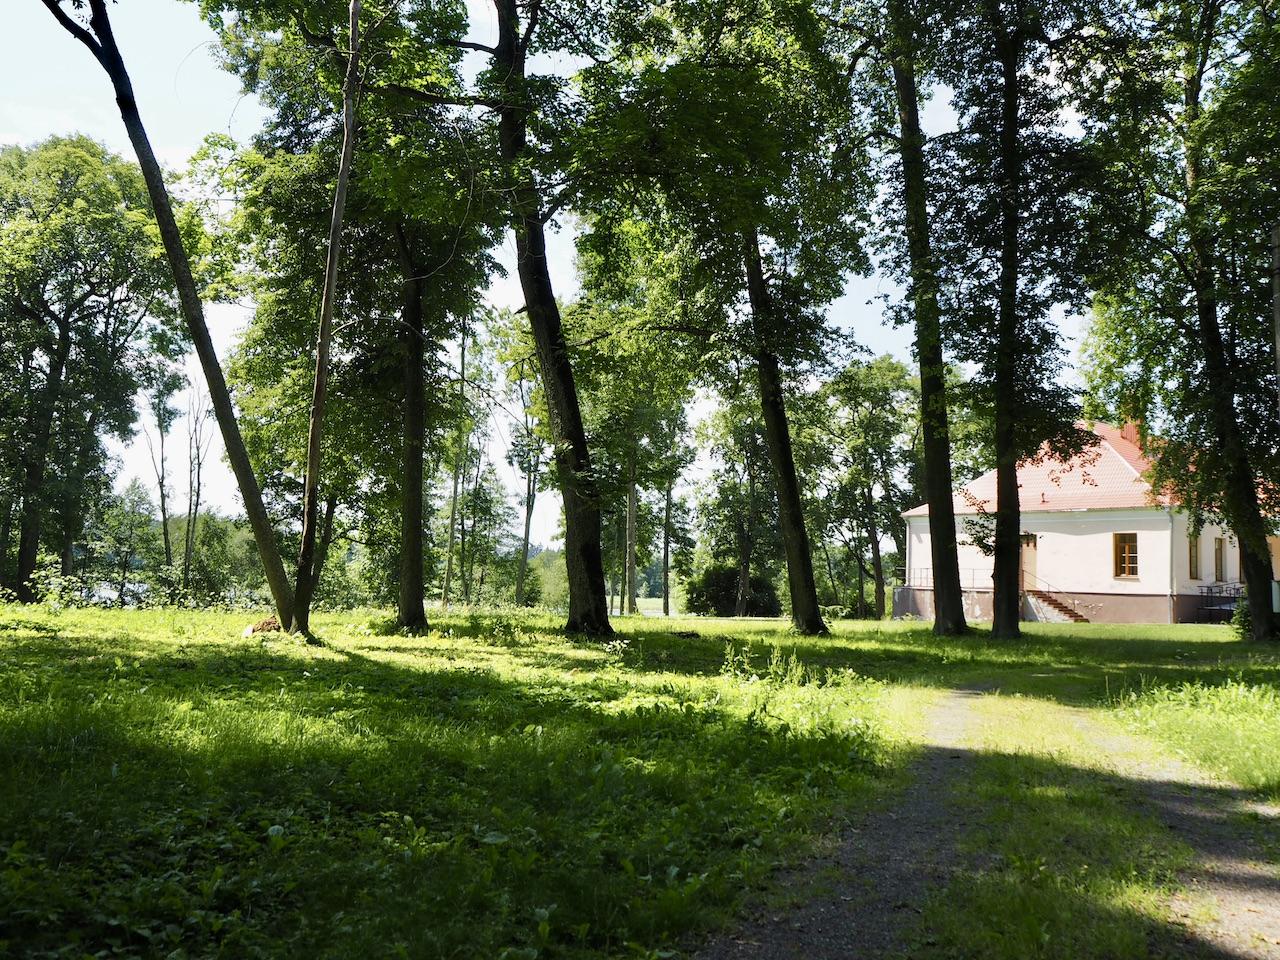 Pikeliškių dvaras rūmai ir parkas